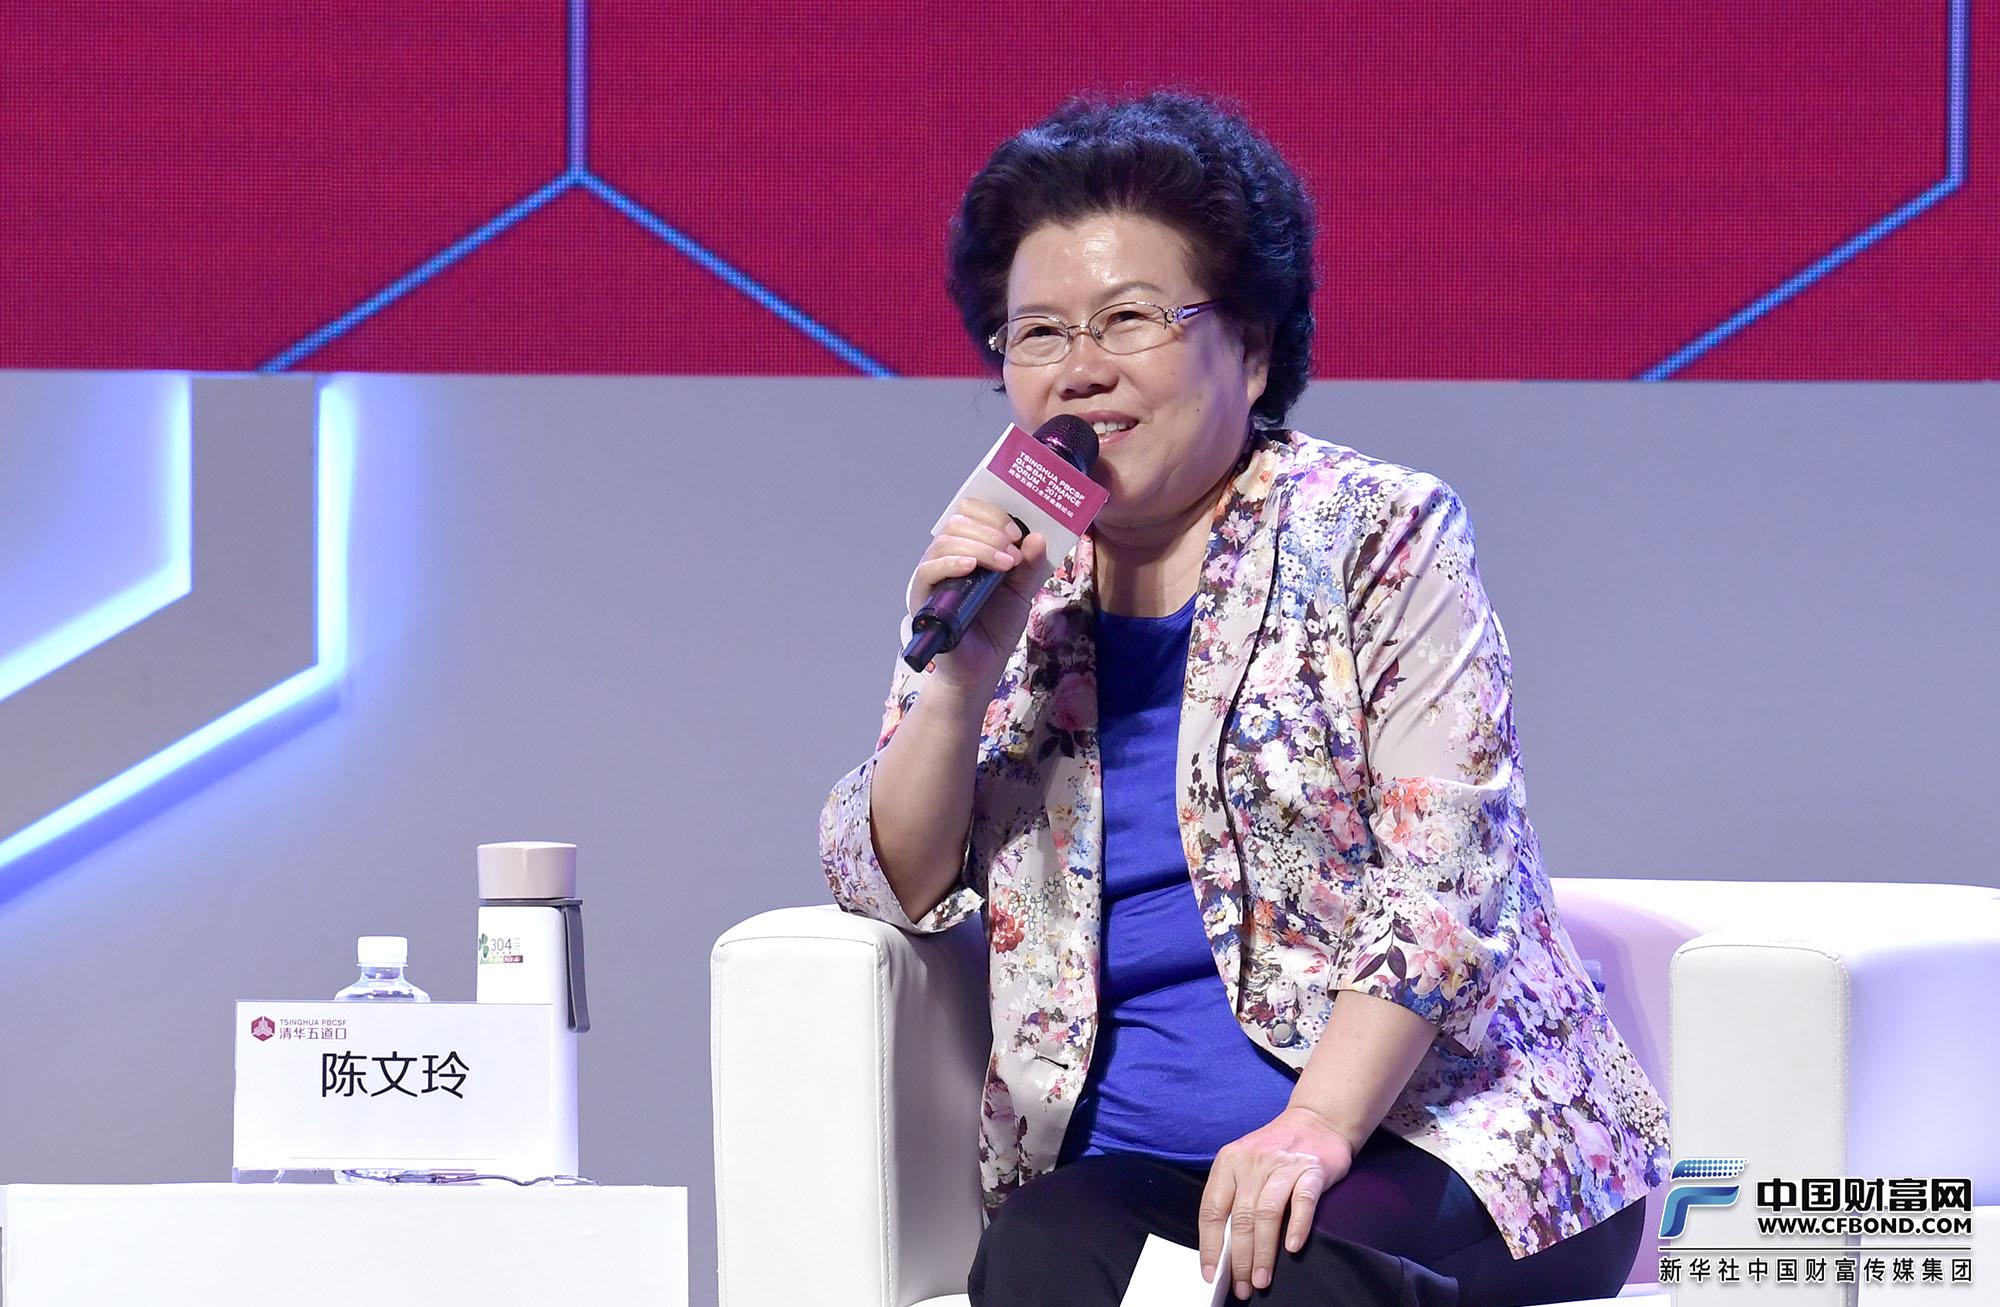 演讲嘉宾:中国国际经济交流中心总经济师陈文玲